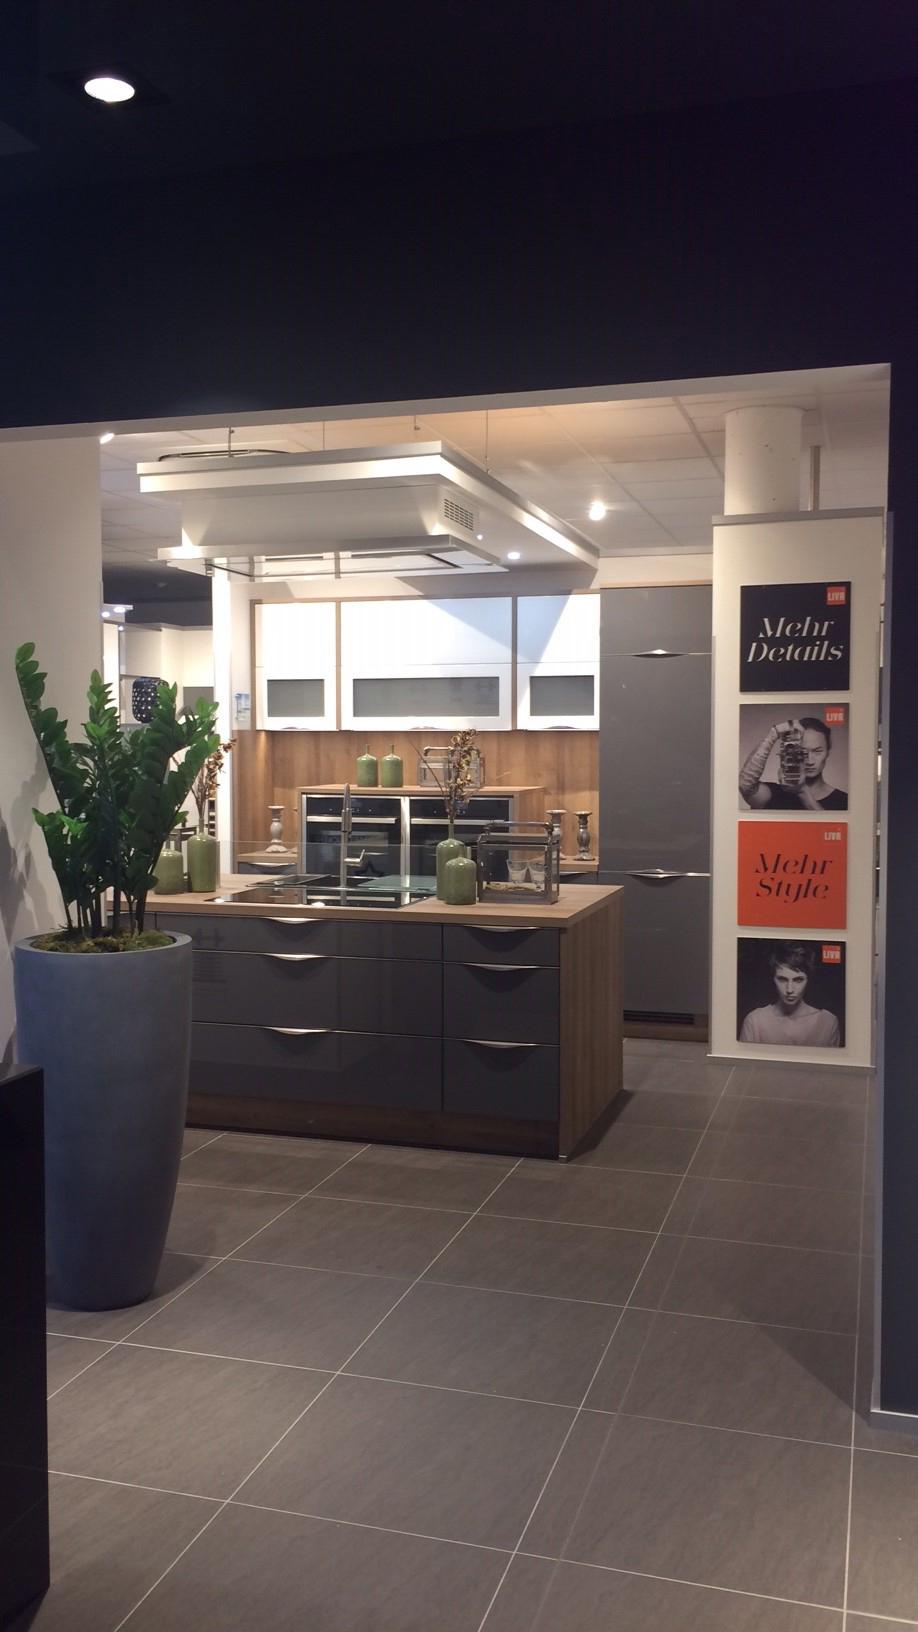 Kuchenwelt Brag Jetzt Auch In Bocholt Garant Gruppe